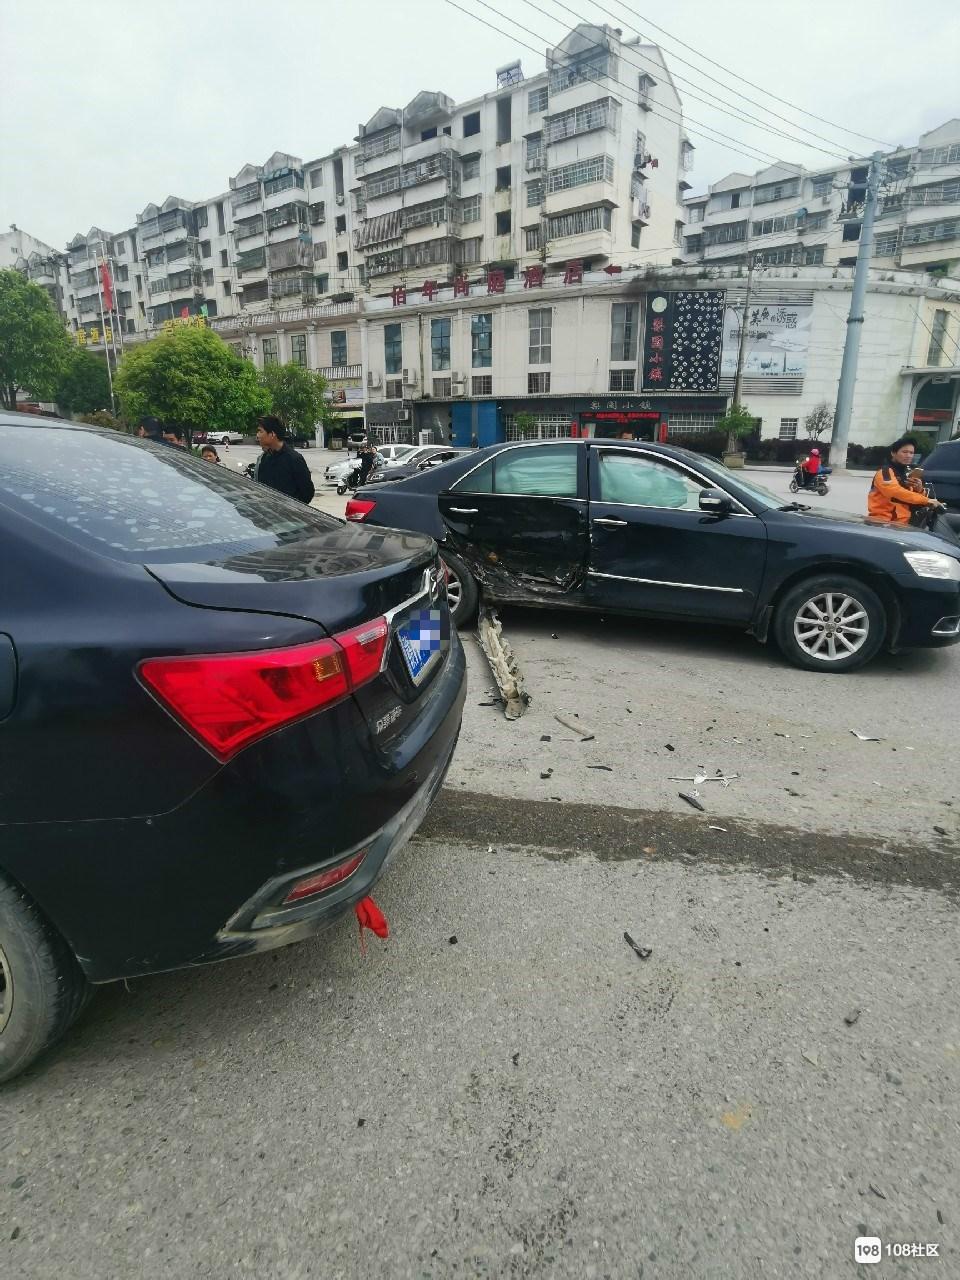 景德镇老年大学附近一汽车撞上调头车!车头损坏严重